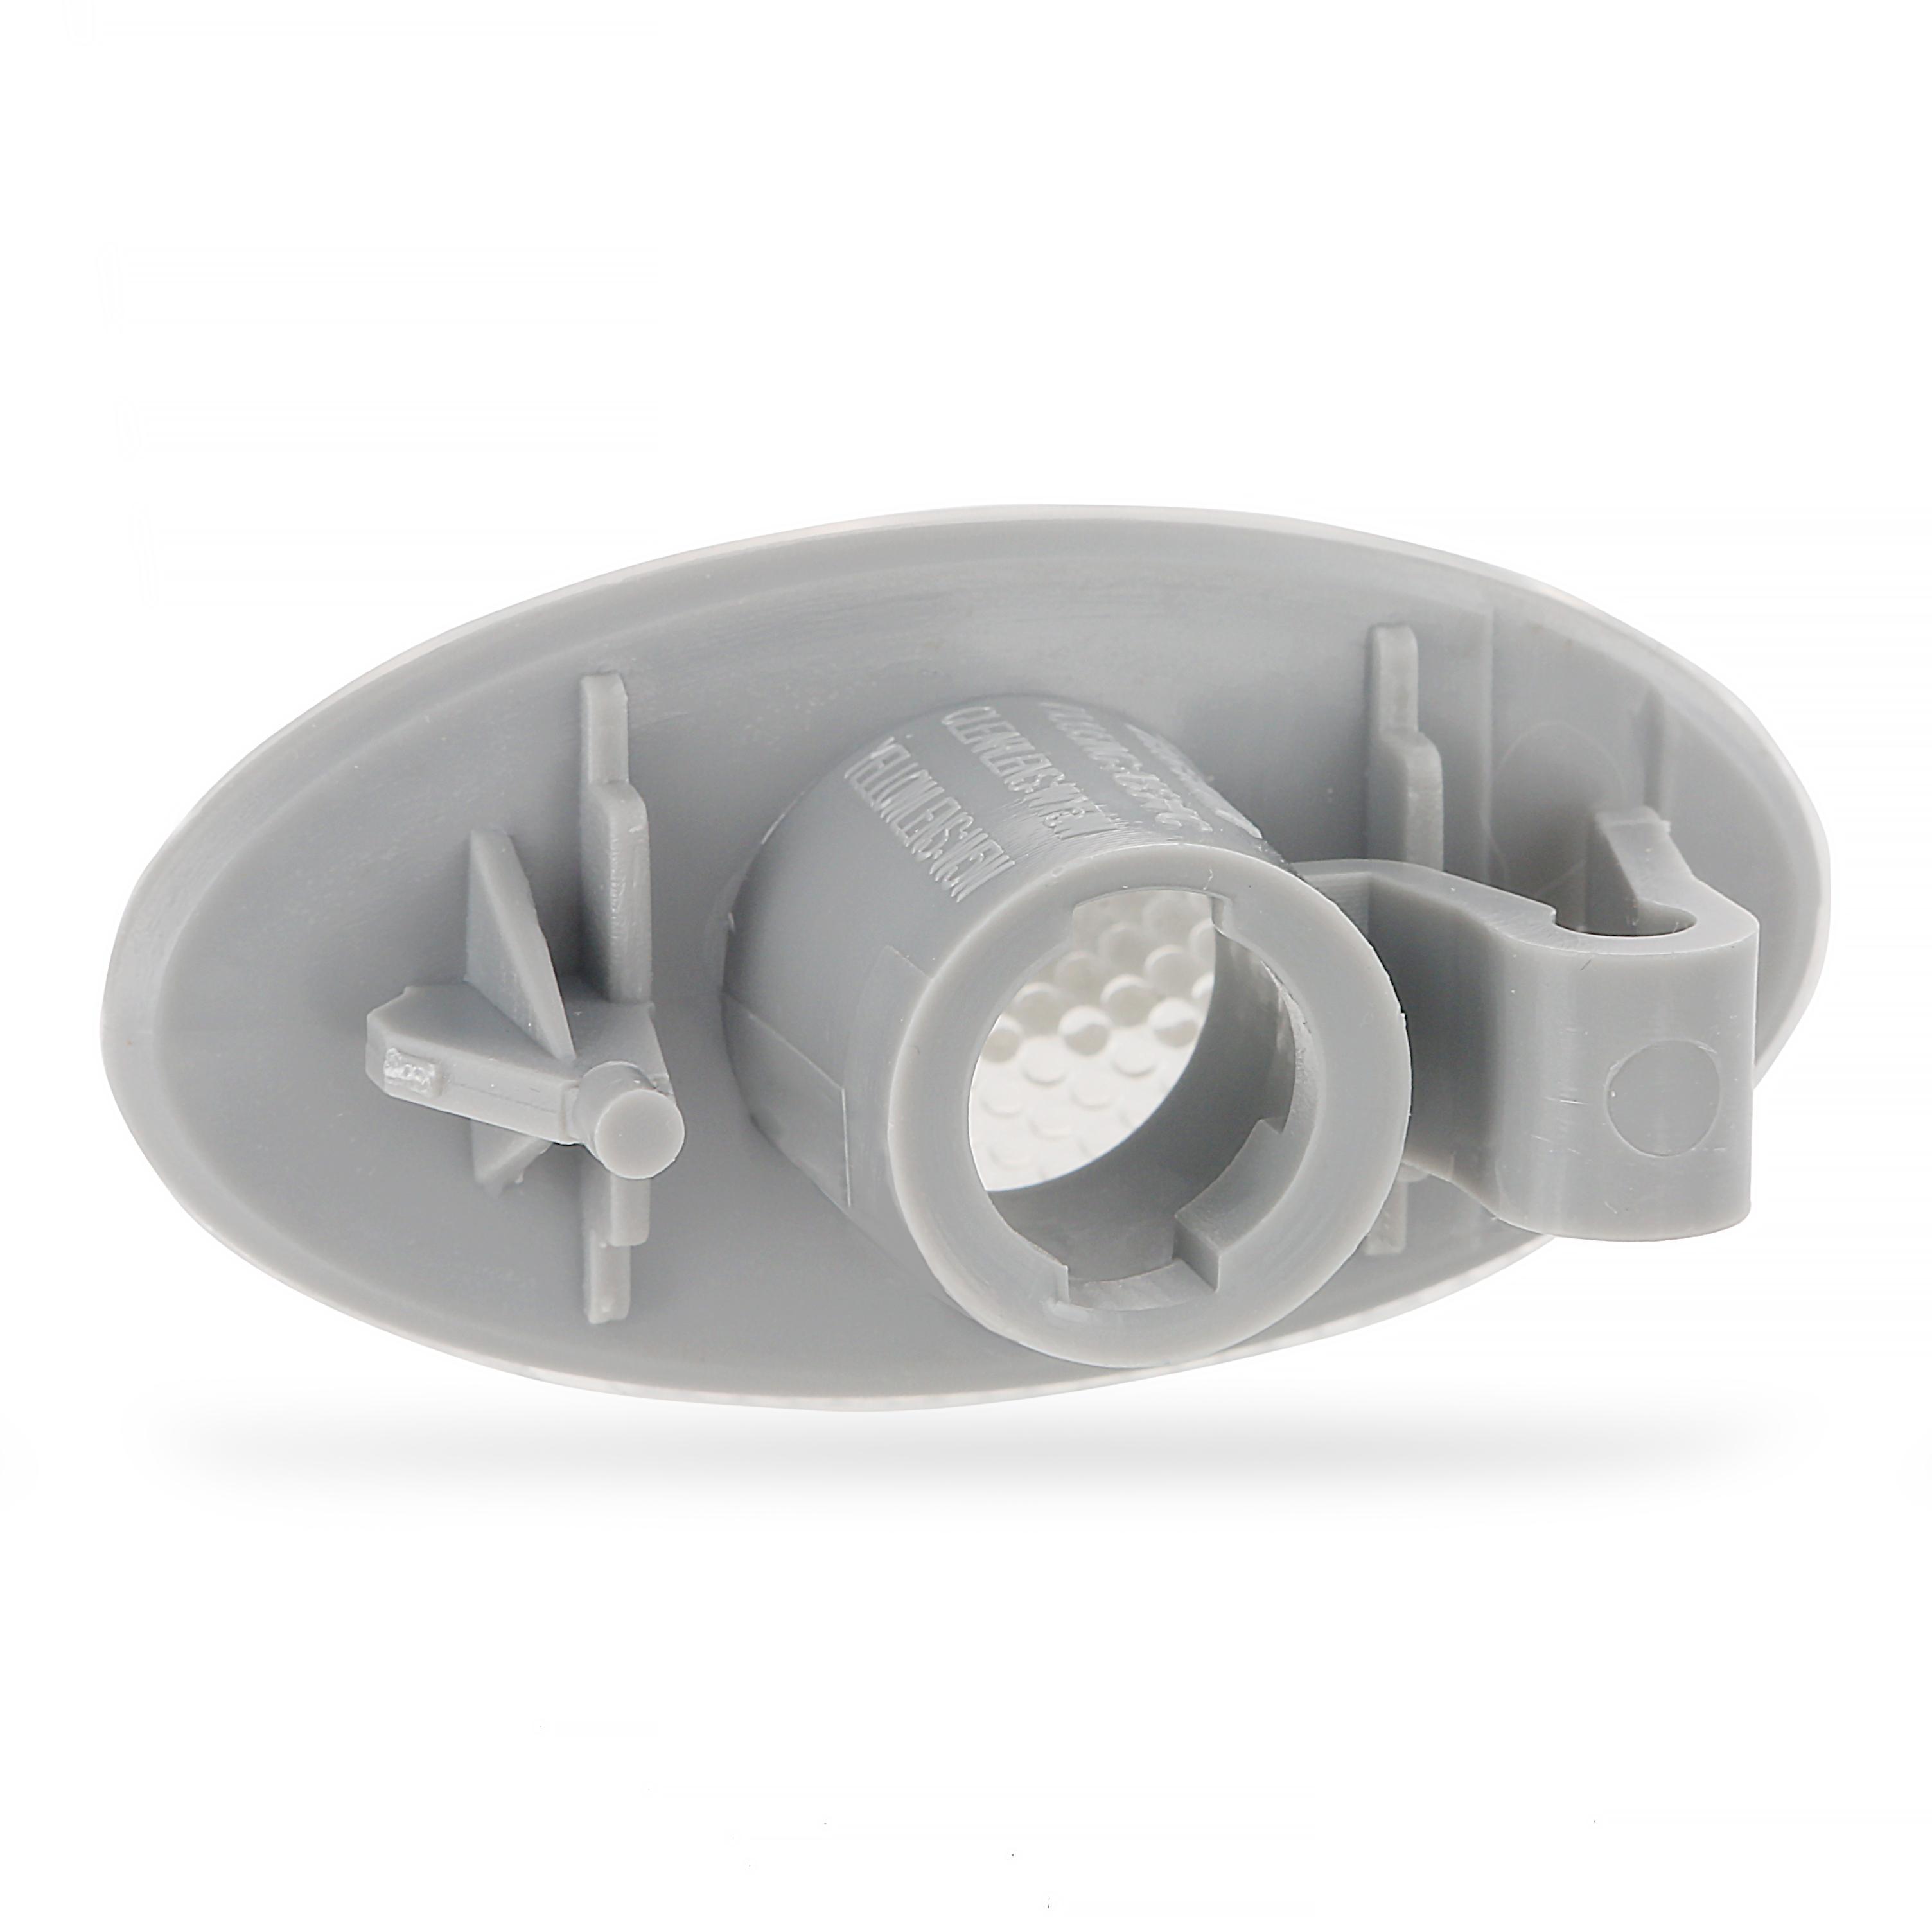 Luce Intermitente ABAKUS 550-1402N-UE-C evaluación